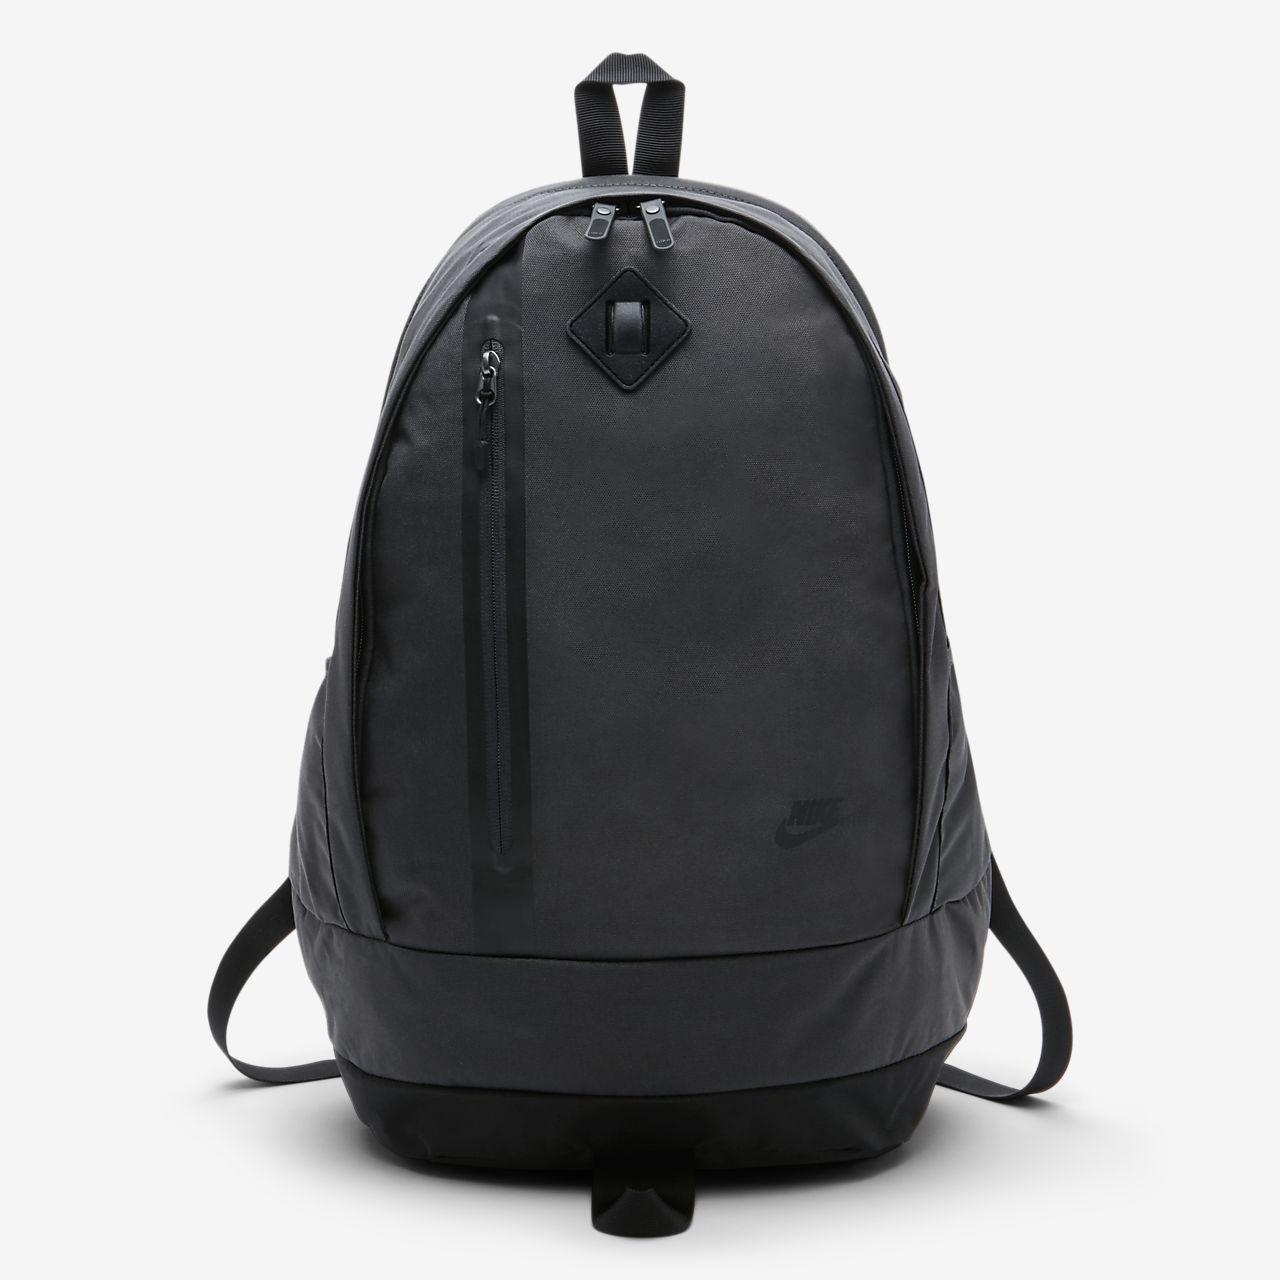 92d4d361f537 Nike Sportswear Cheyenne 3.0 Solid Backpack. Nike.com FI